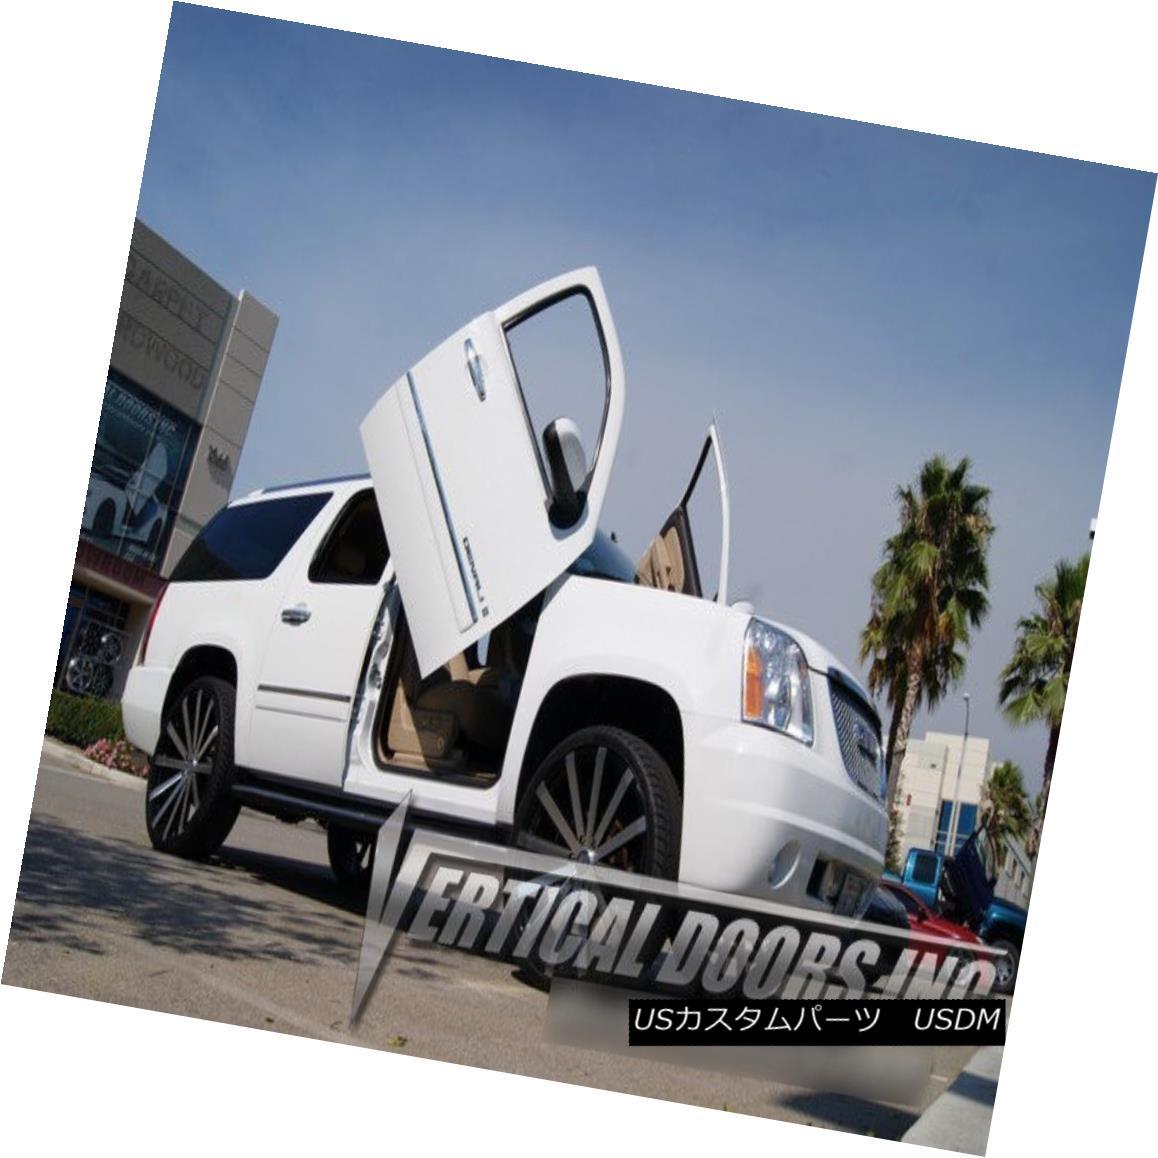 ガルウィングキット Vertical Doors Inc. Bolt-On Lambo Kit for Gmc Denali 07-10 垂直ドアーズ株式会社Gmcデナリ用ボルトオンランボルギーニキット07-10